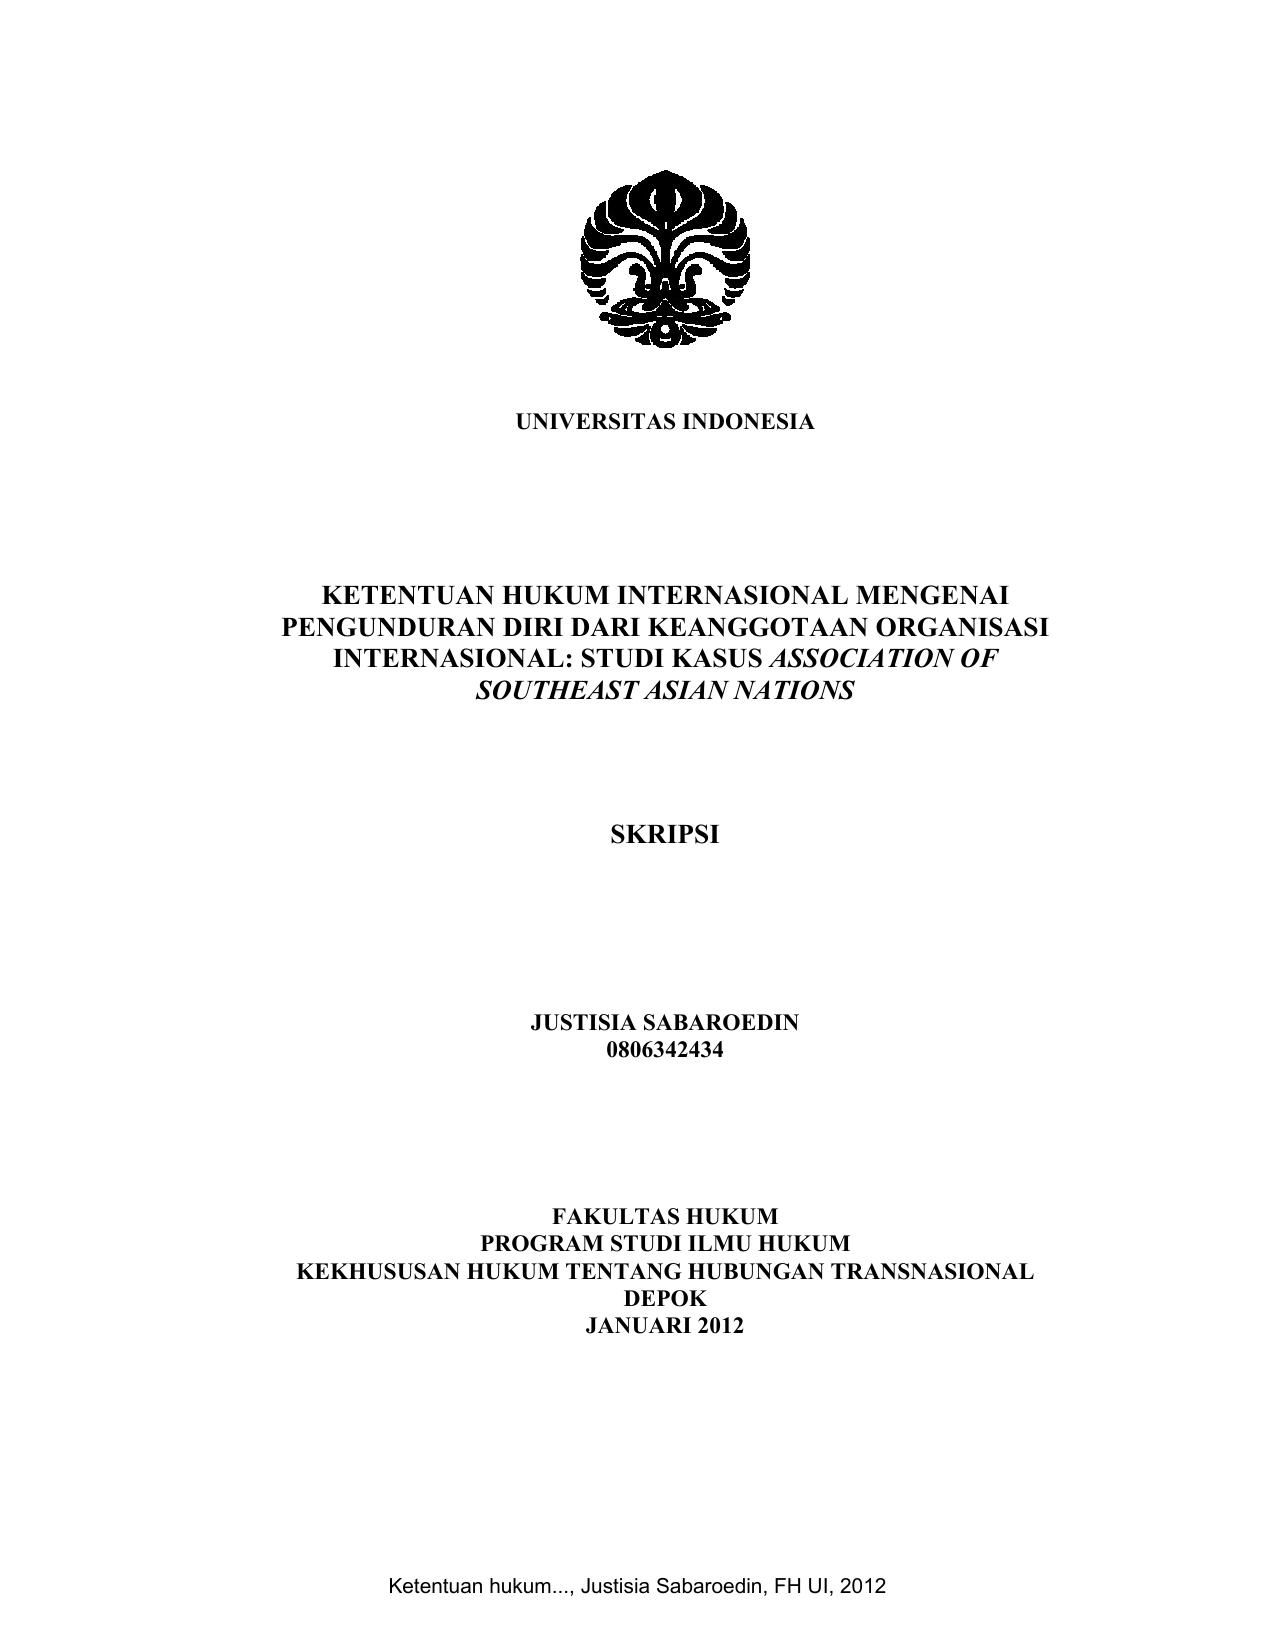 Surat Pengunduran Diri Dari Universitas Swasta - Bagi ...